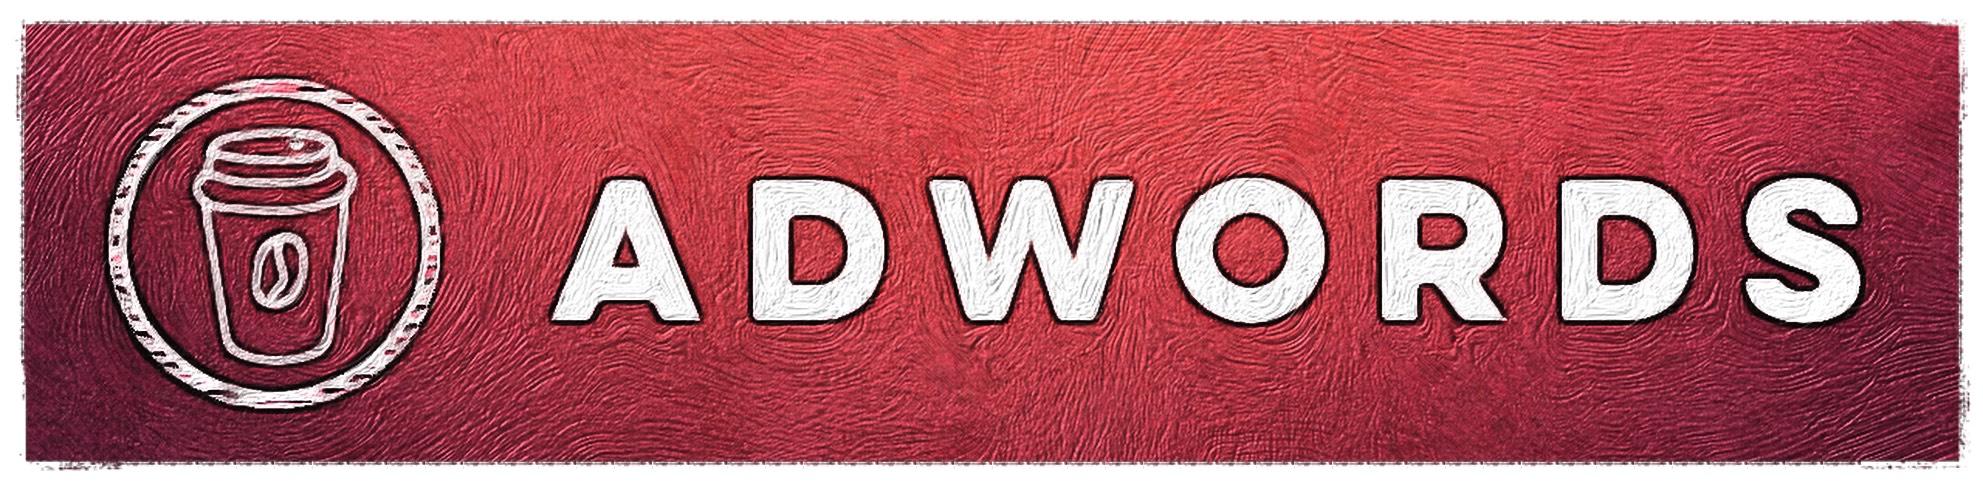 Google Adwords Management Madison WI Website Design